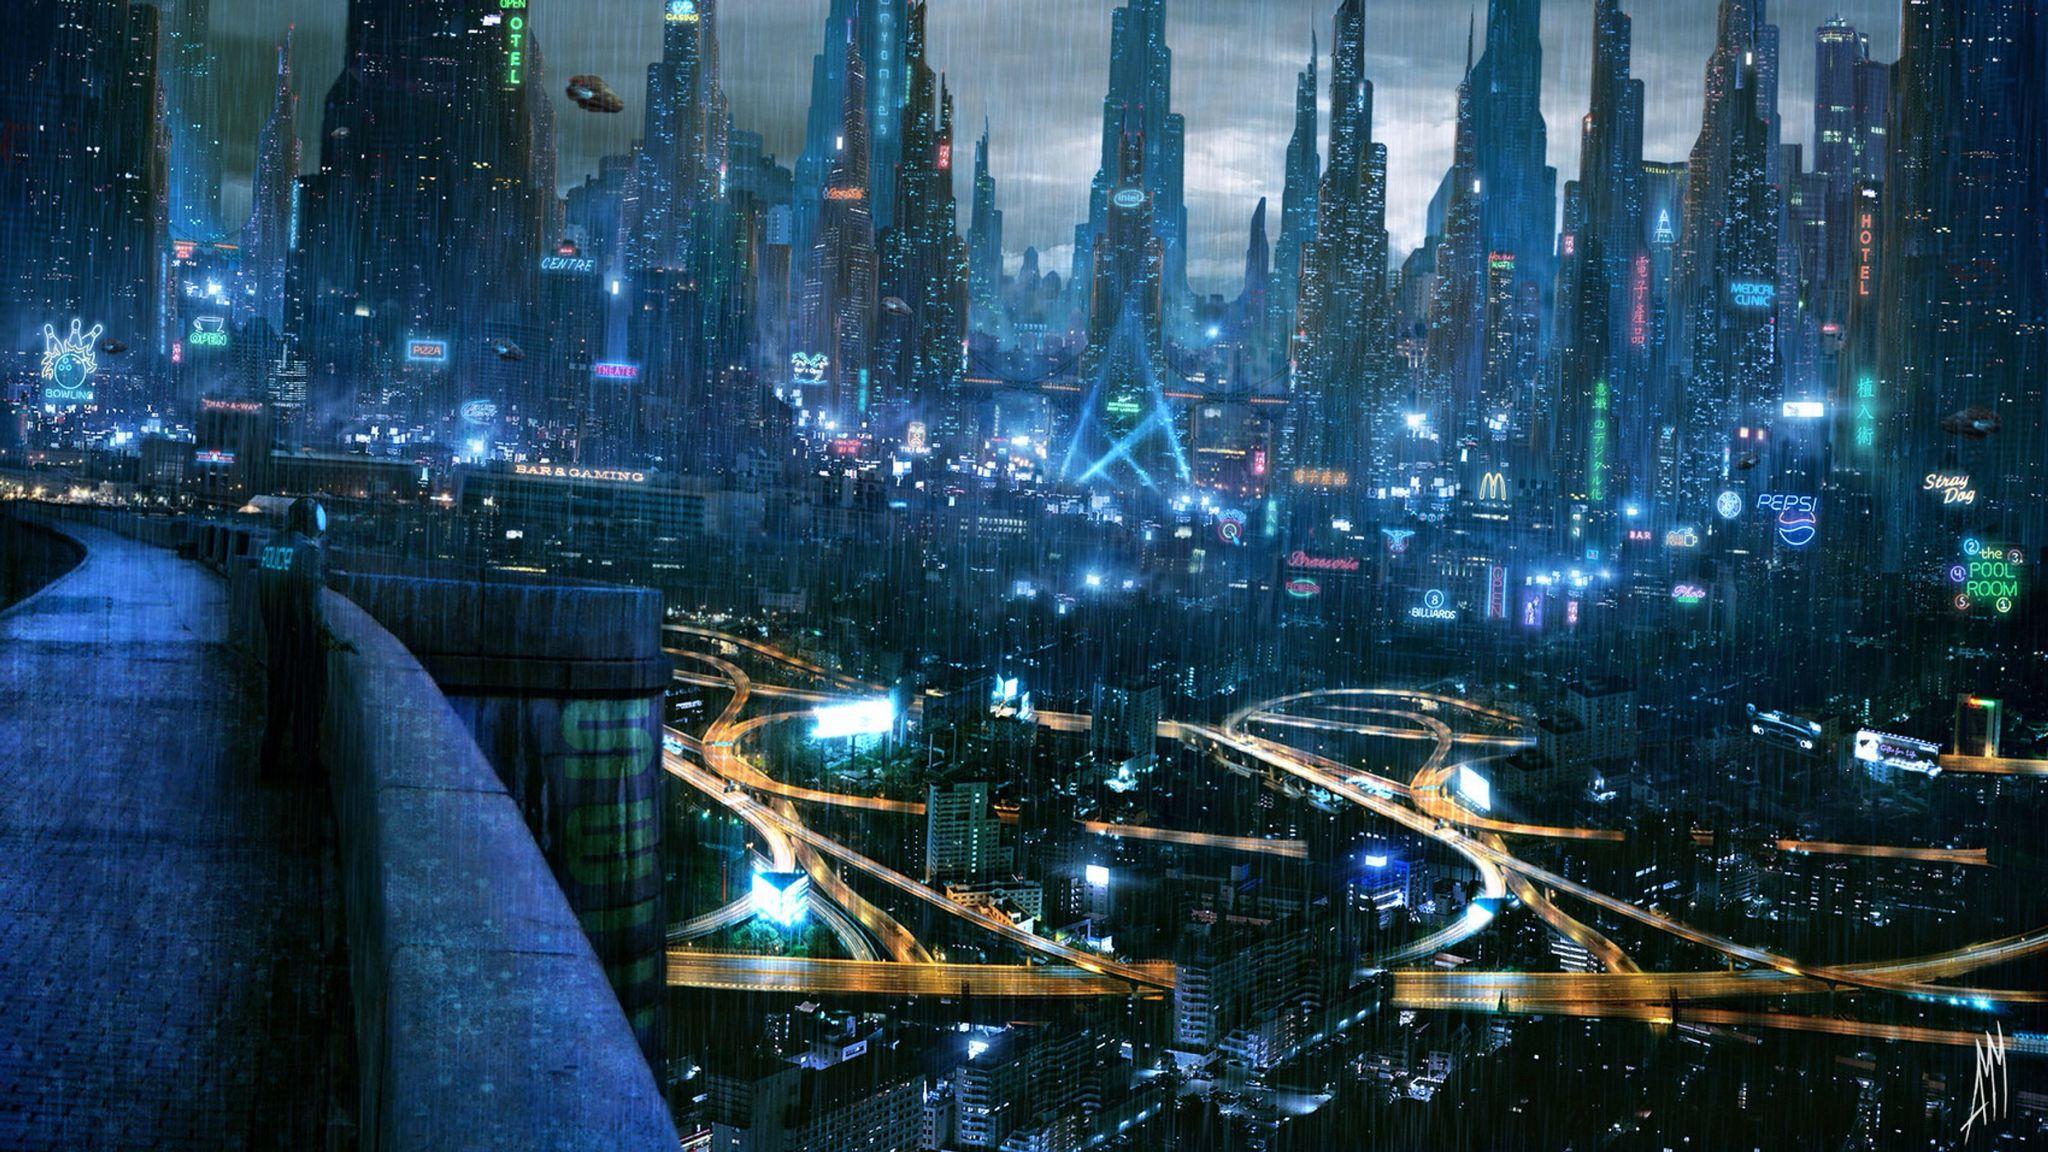 2K future city wallpaper Cidade cyberpunk, Cidade de